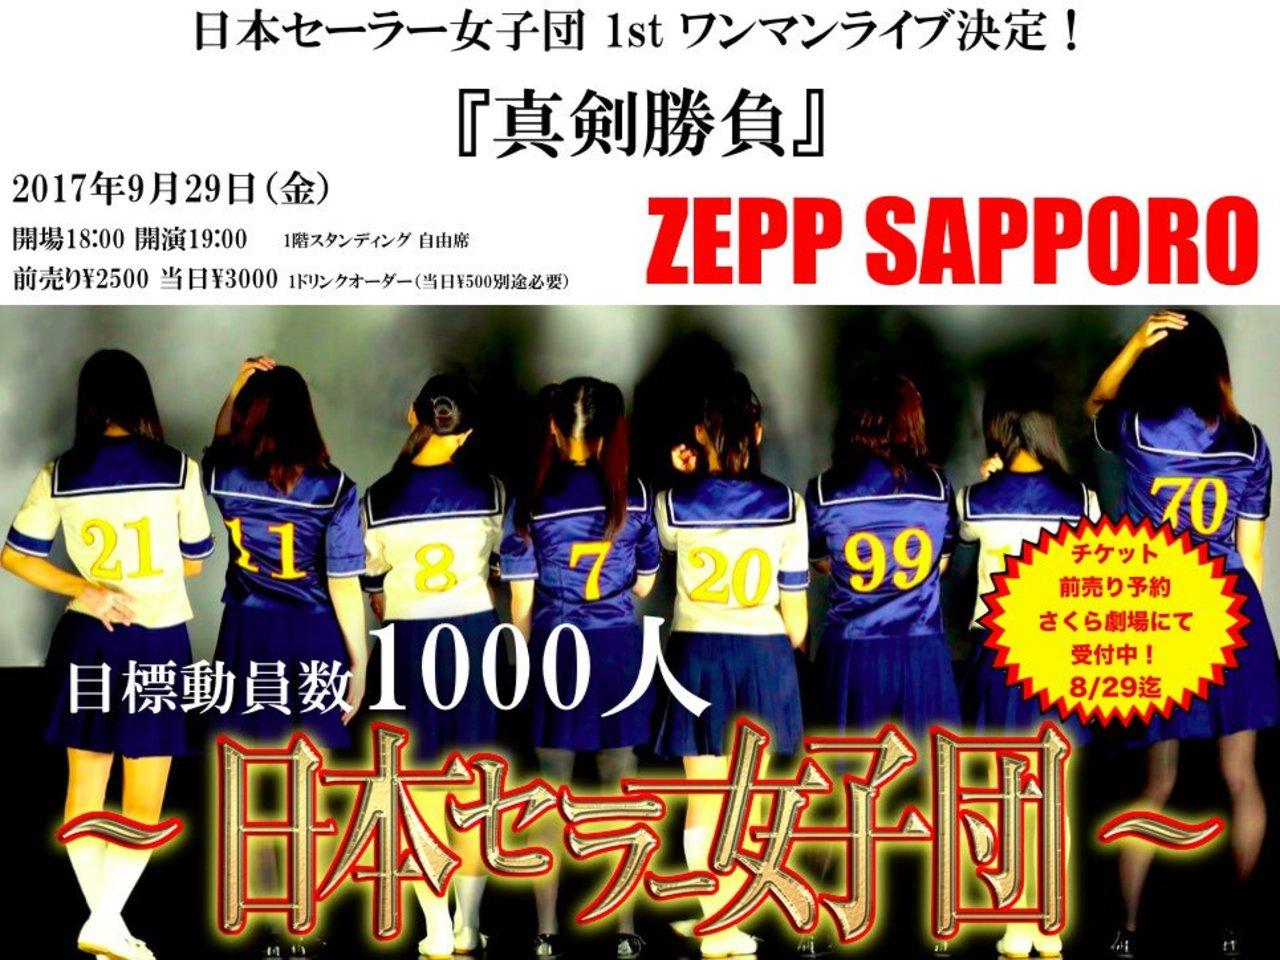 日本セーラー女子団 1stワンマンライブ 真剣勝負 中央区 (9/29) 札幌